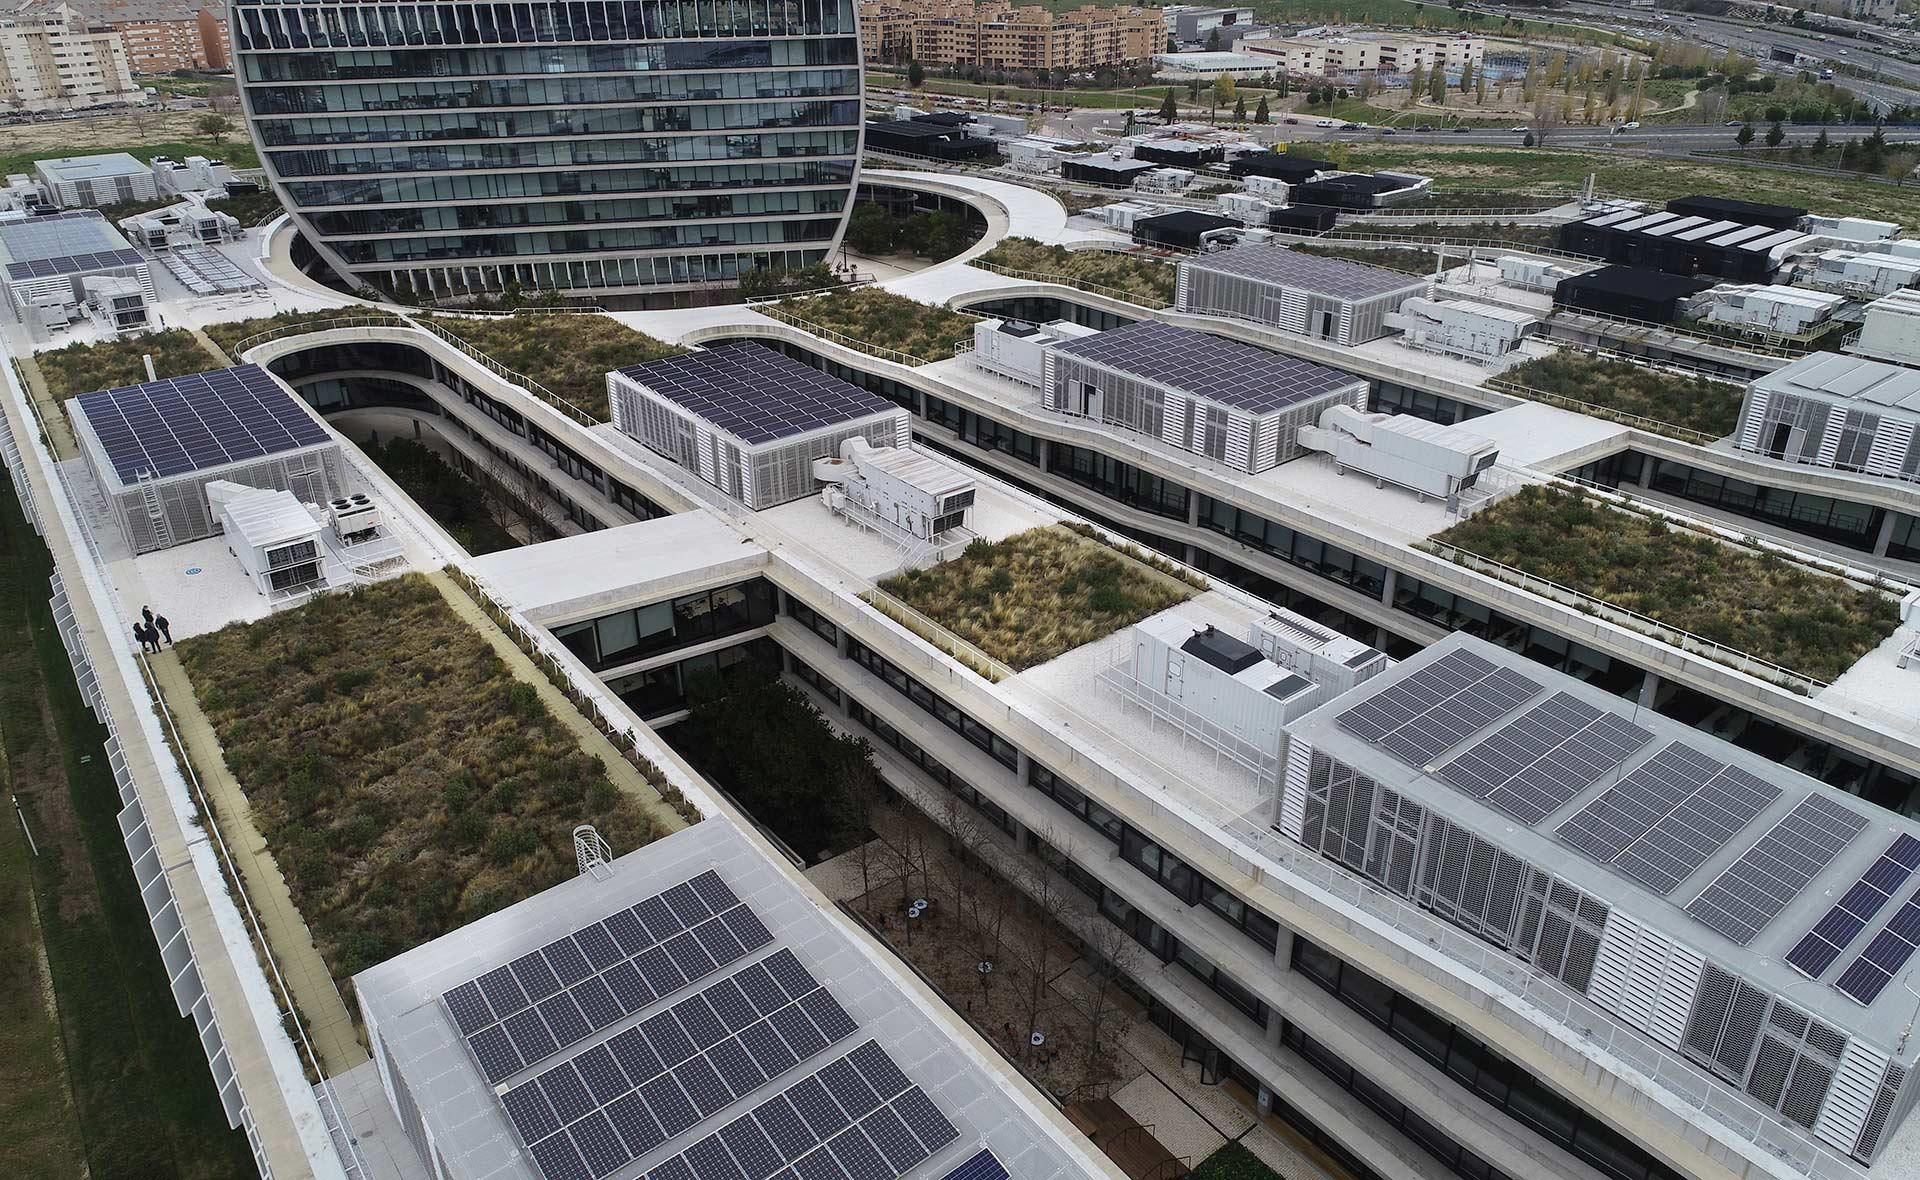 BBVA-paneles-solares-apertura-vela-ciudad-bbva-vista-aerea-banco-sostenibilidad